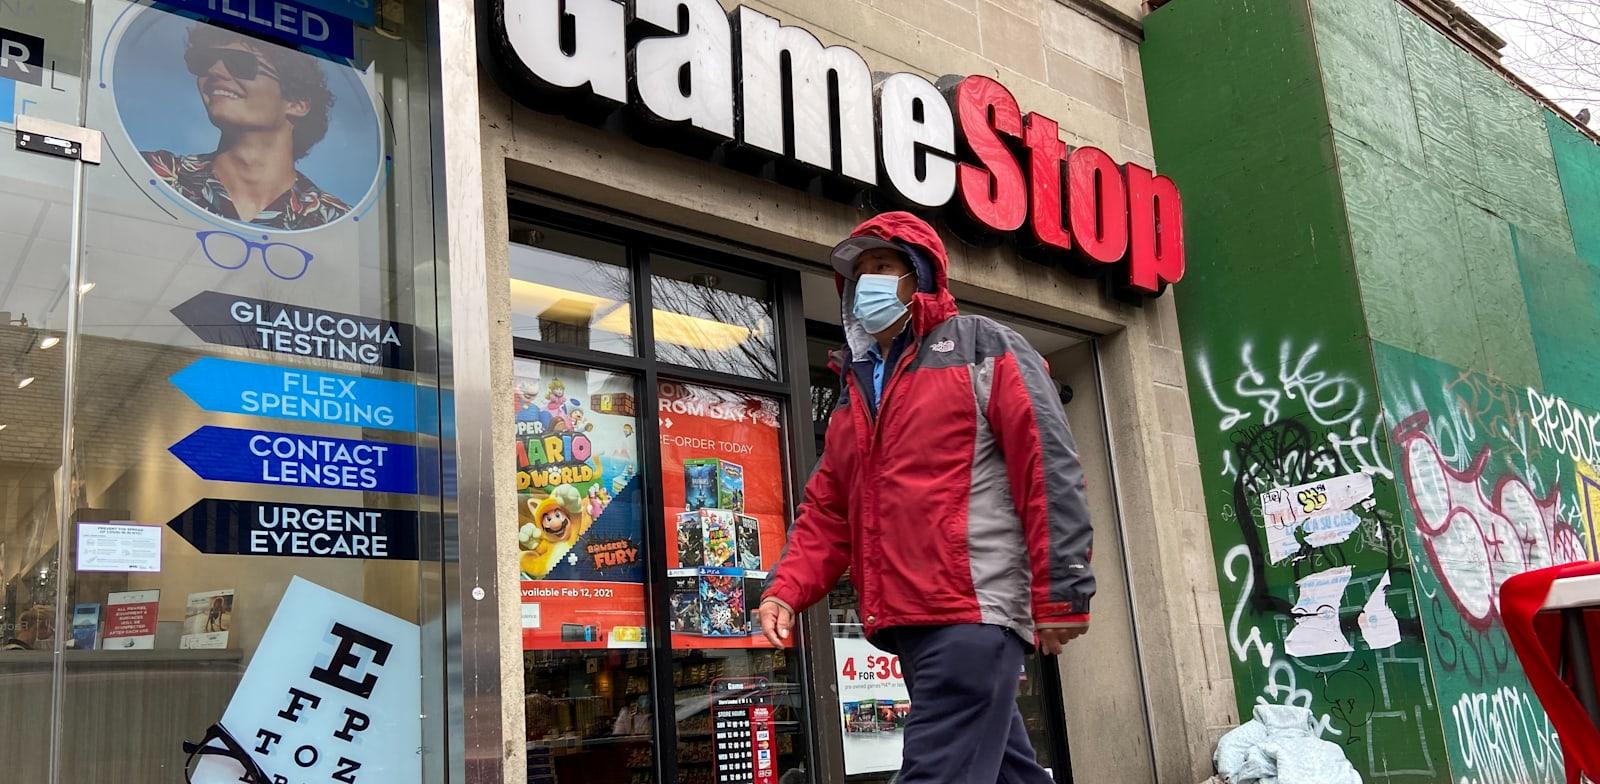 חנות של גיימסטופ בניו יורק / צילום: Reuters, Nick Zieminski